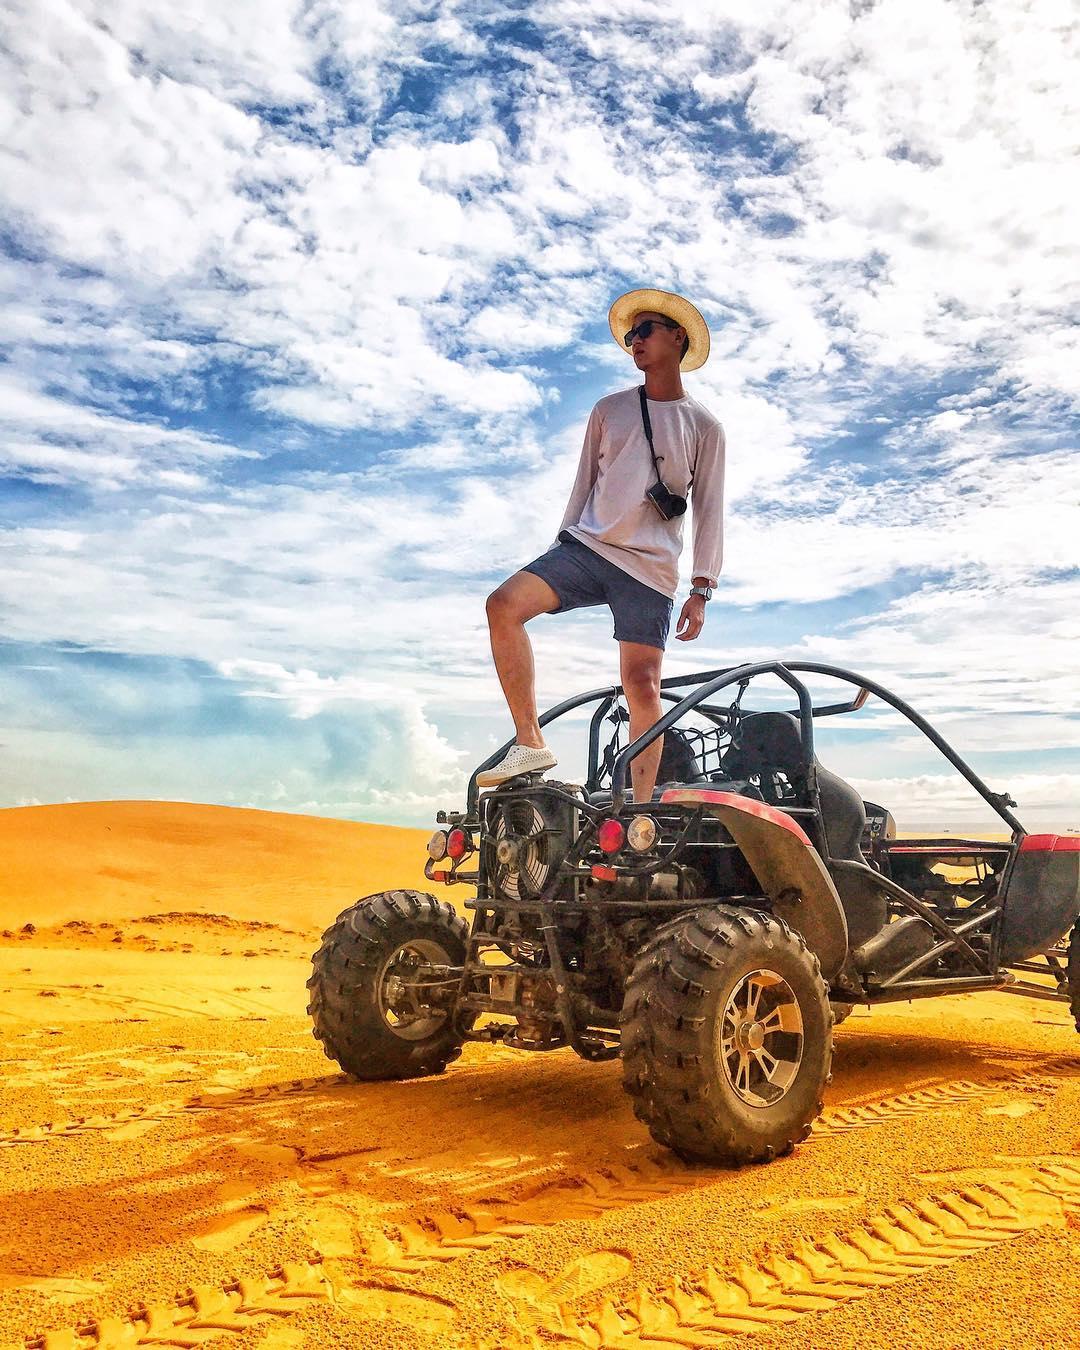 Kinh nghiệm phượt du lịch Mũi Dinh cho bạn trải nghiệm tuyệt vời nhất